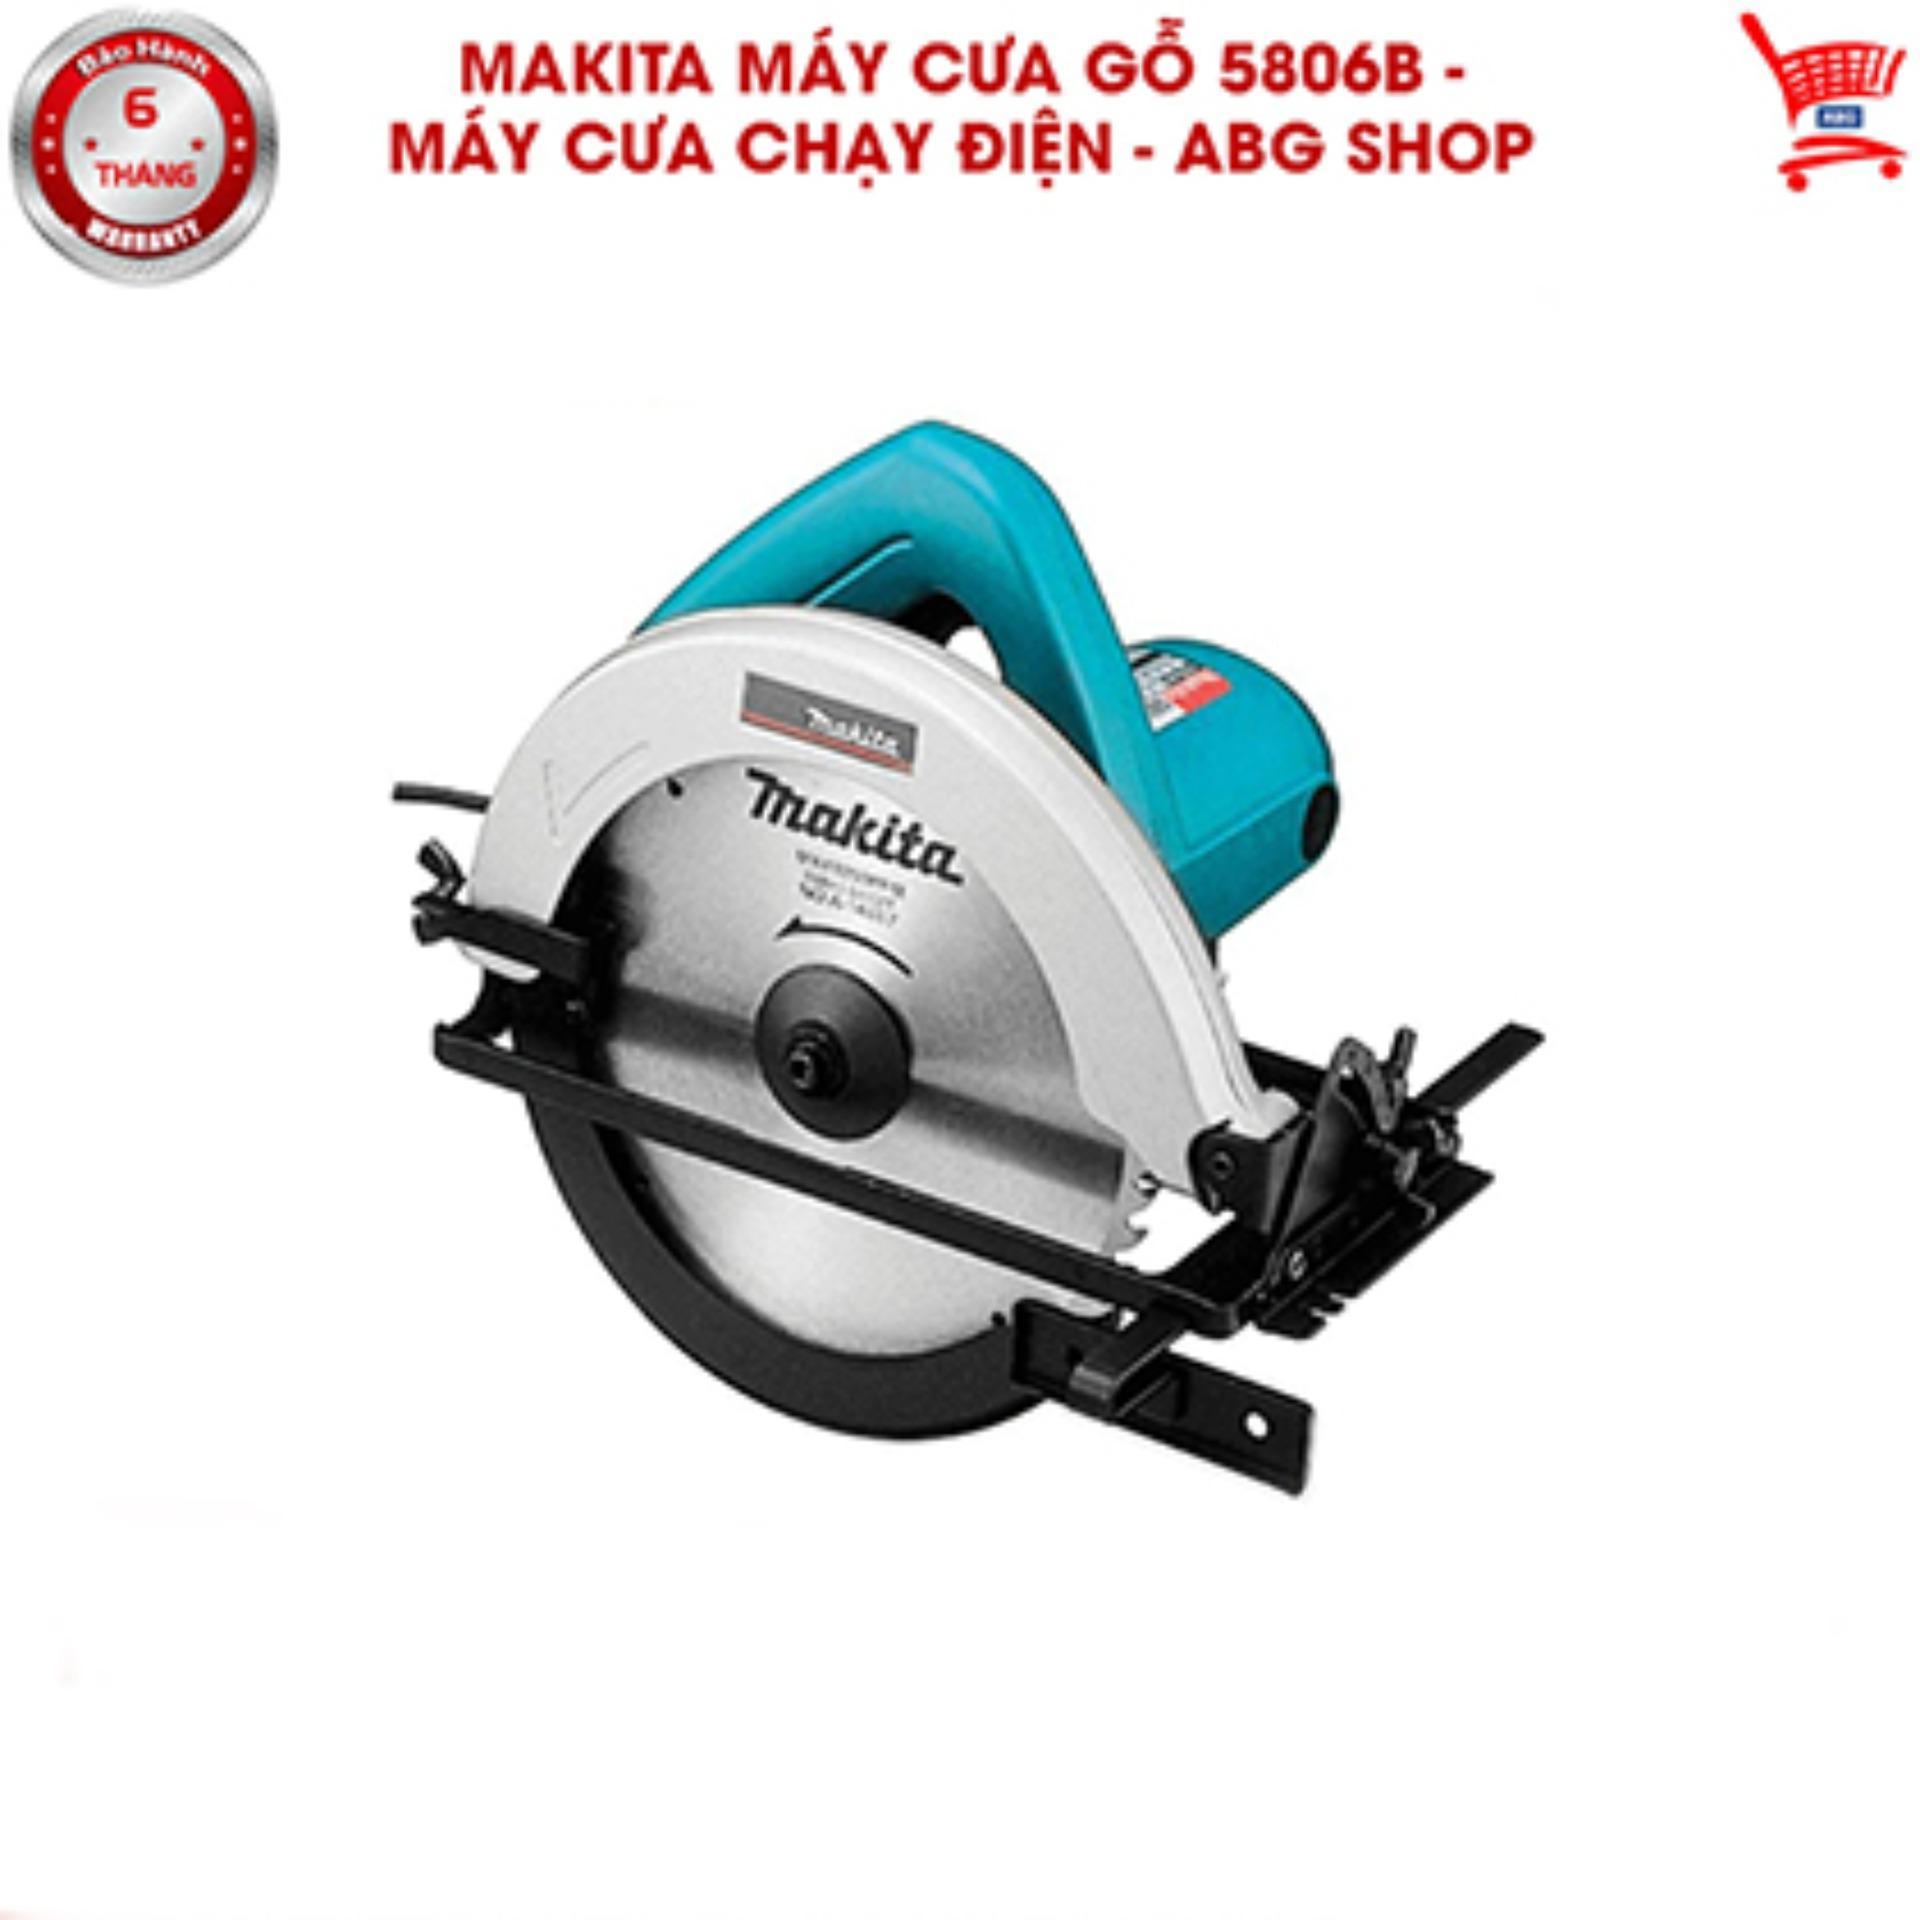 Makita máy cưa gỗ 5806b - Máy cưa chạy điện - ABG shop